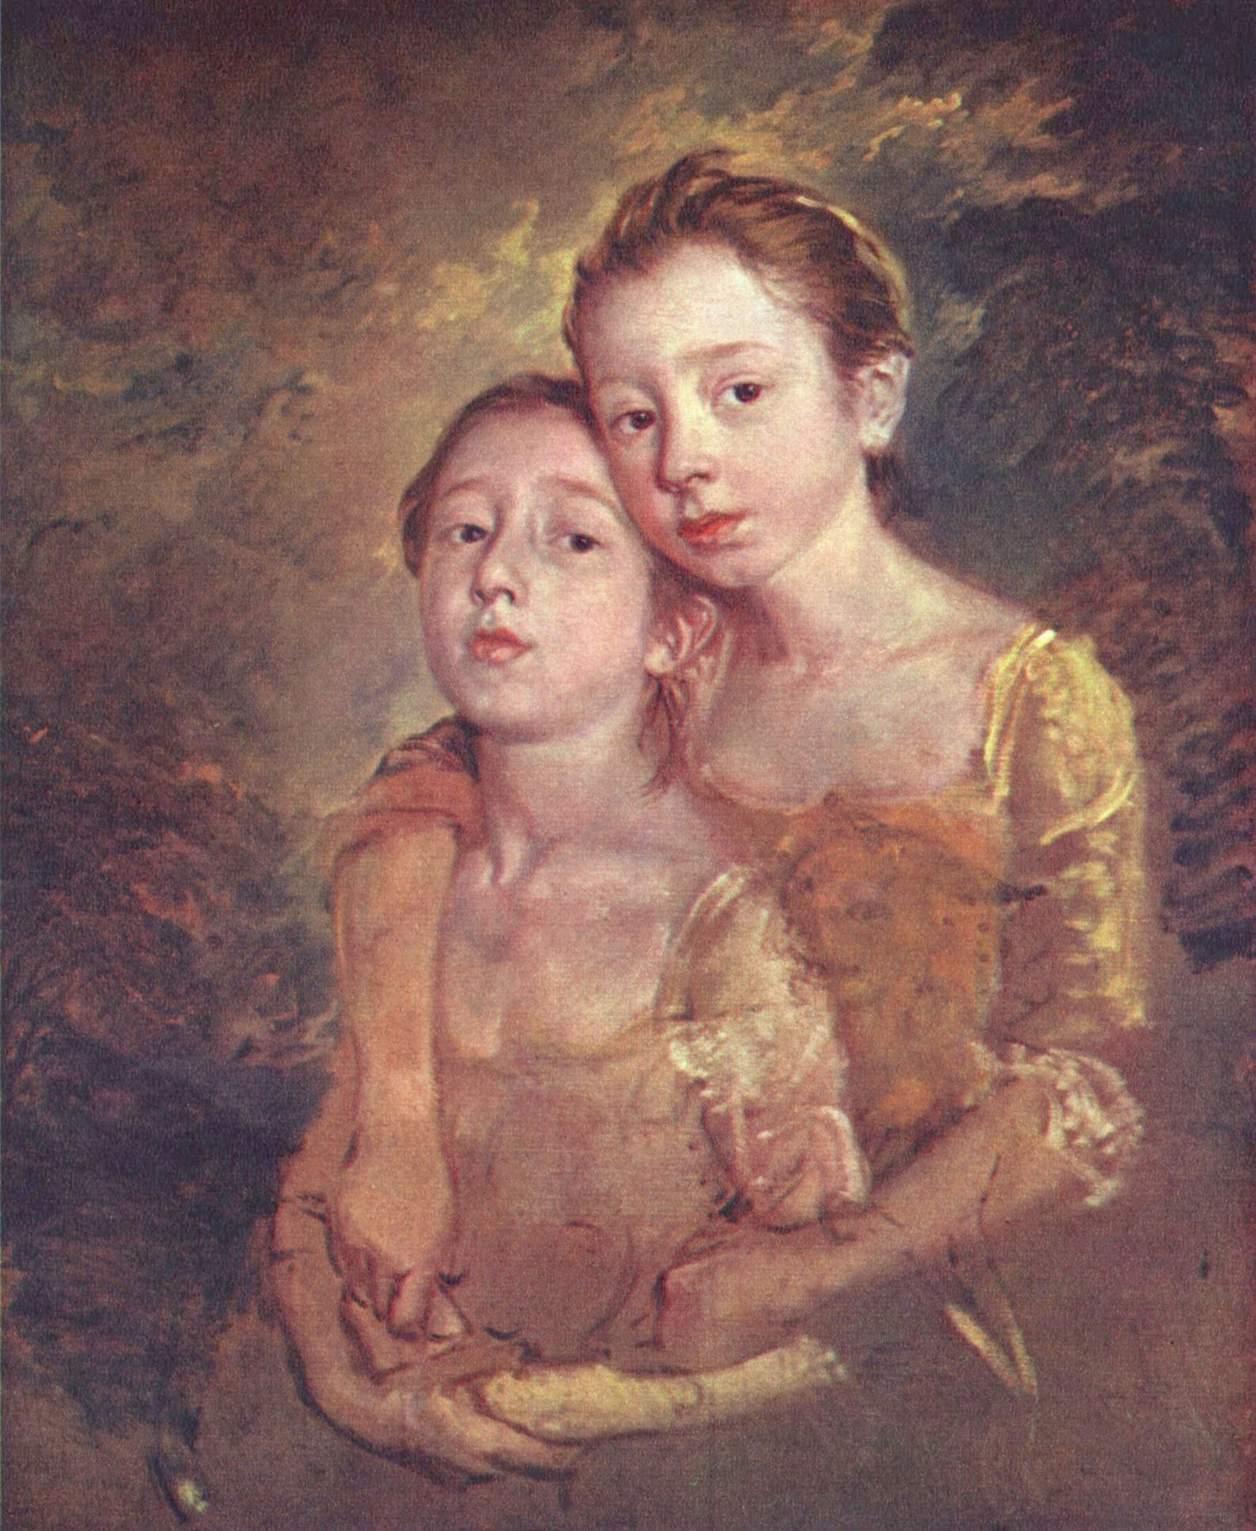 peintres anglais du XVIIIème siècle Portrait-of-the-artist-s-daughter-with-a-cat